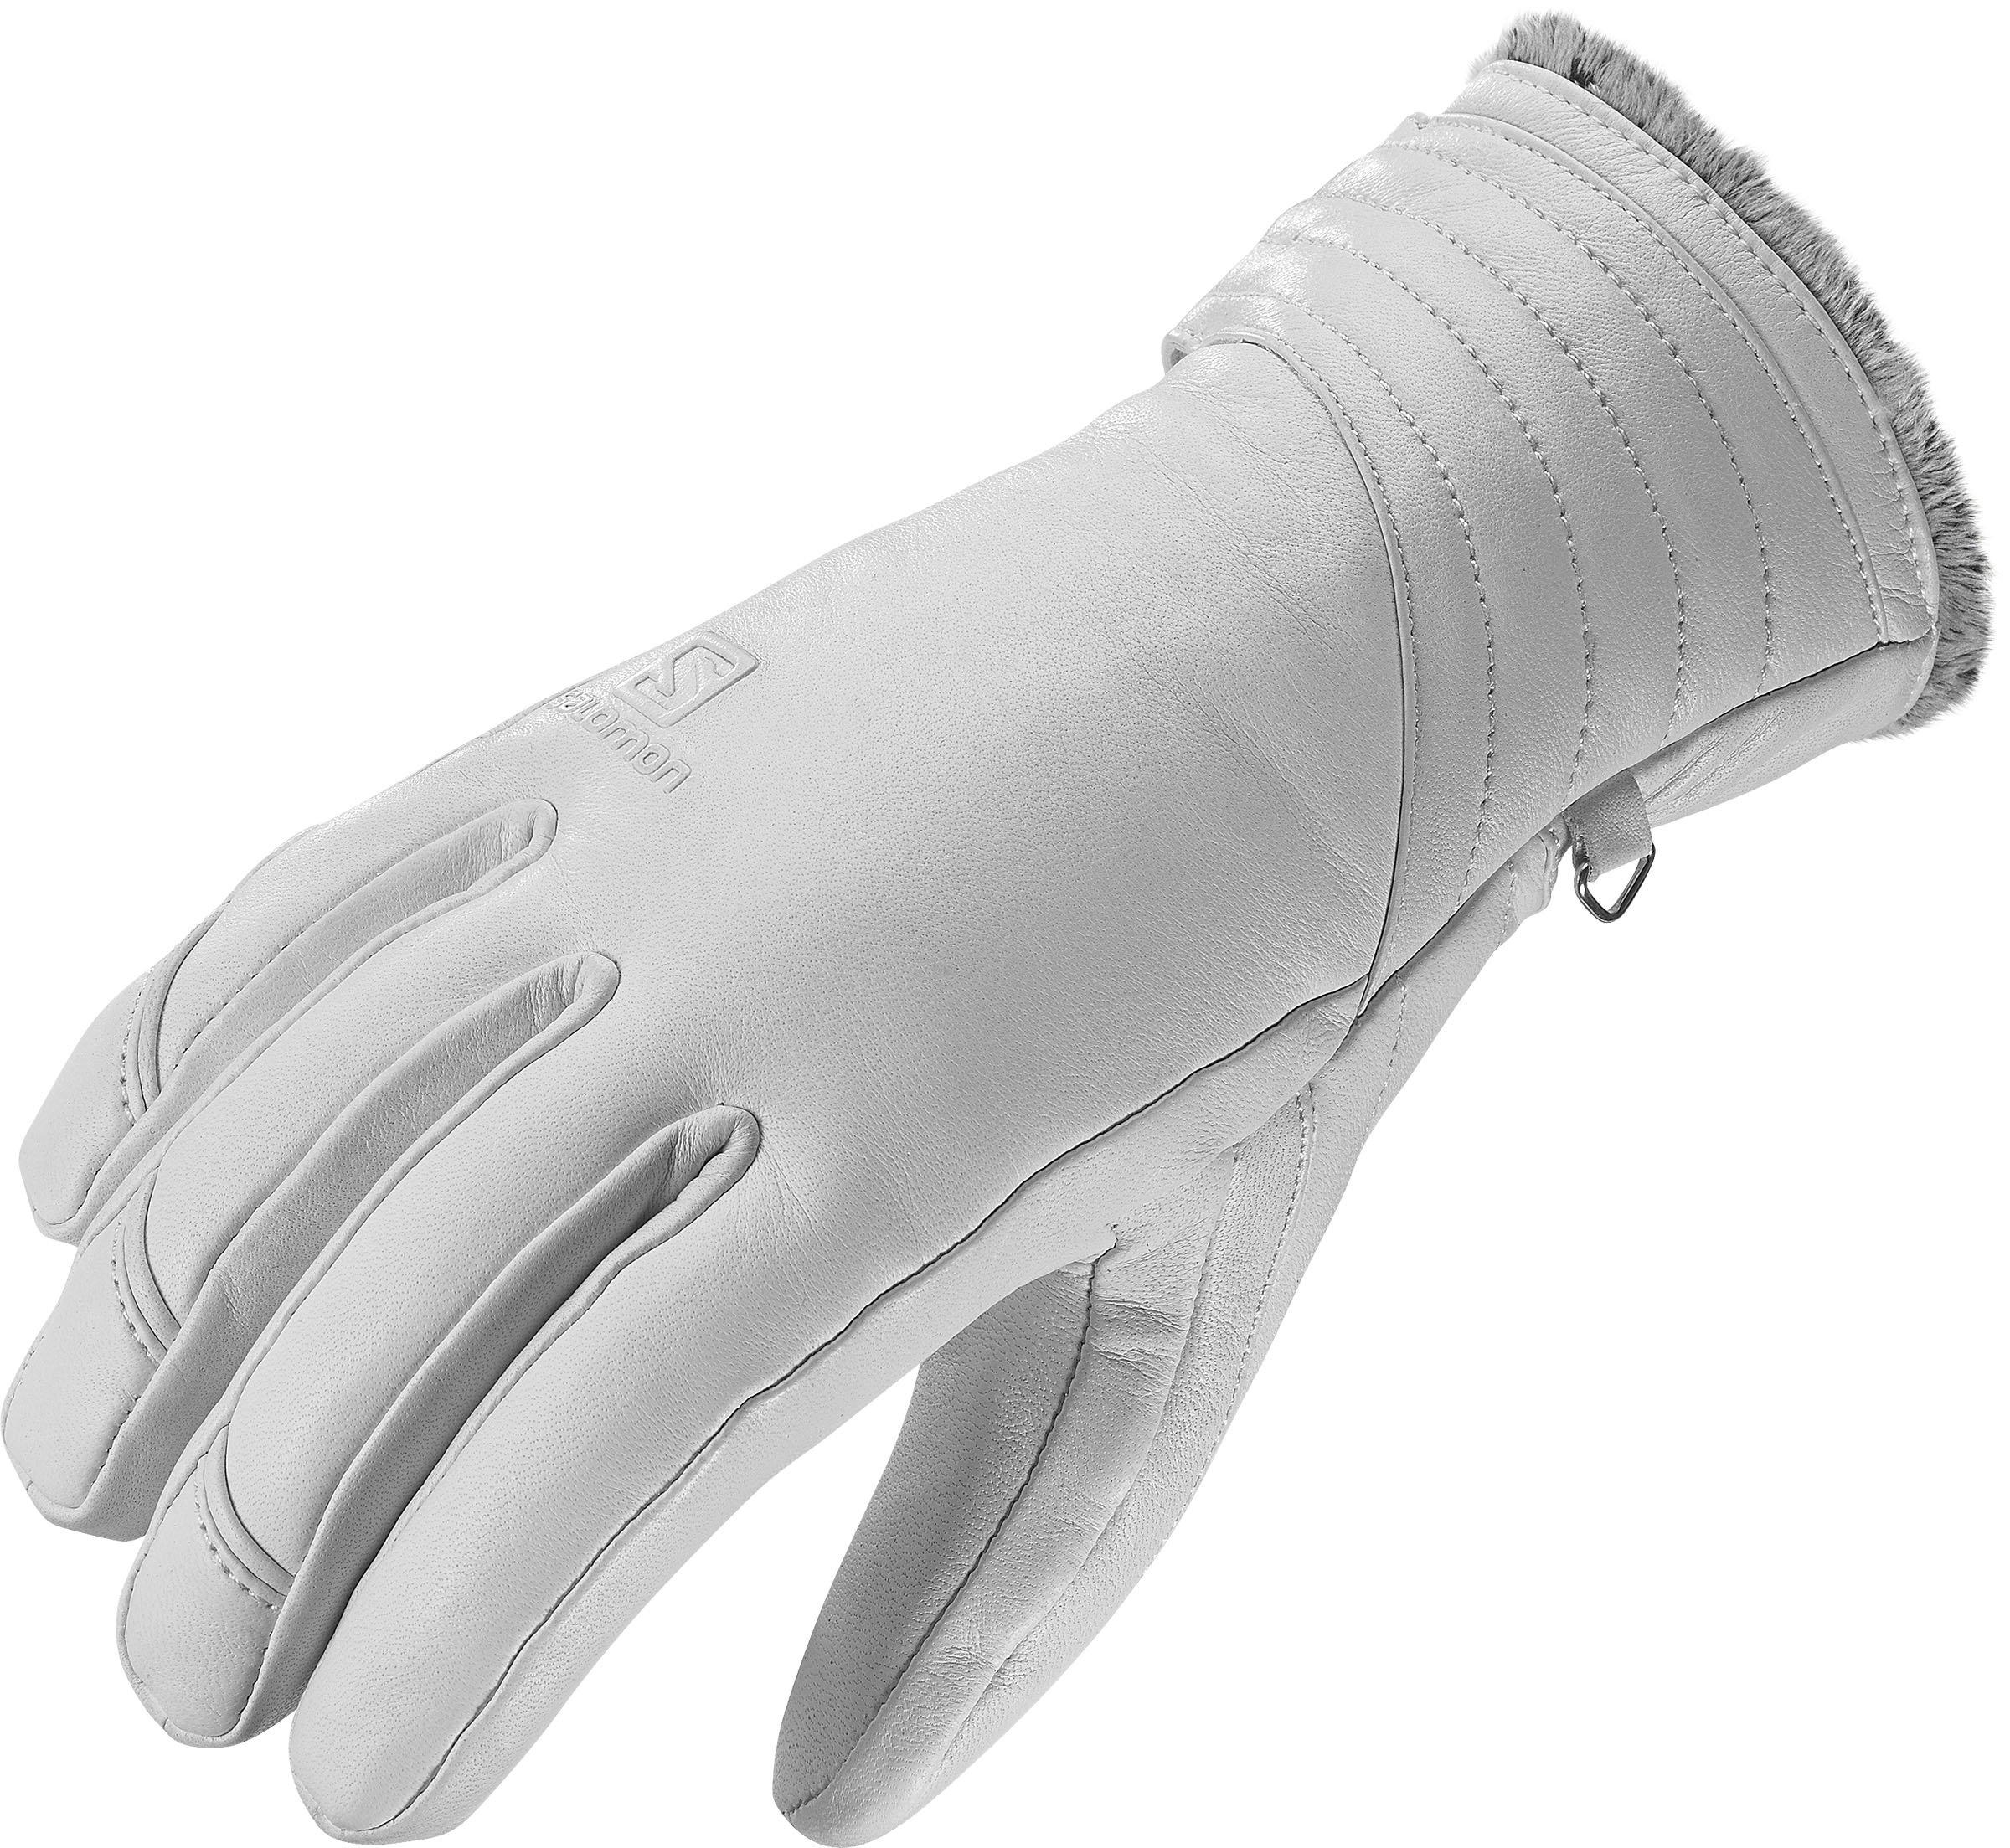 Salomon Native W Cold Weather Gloves, White, X-Small